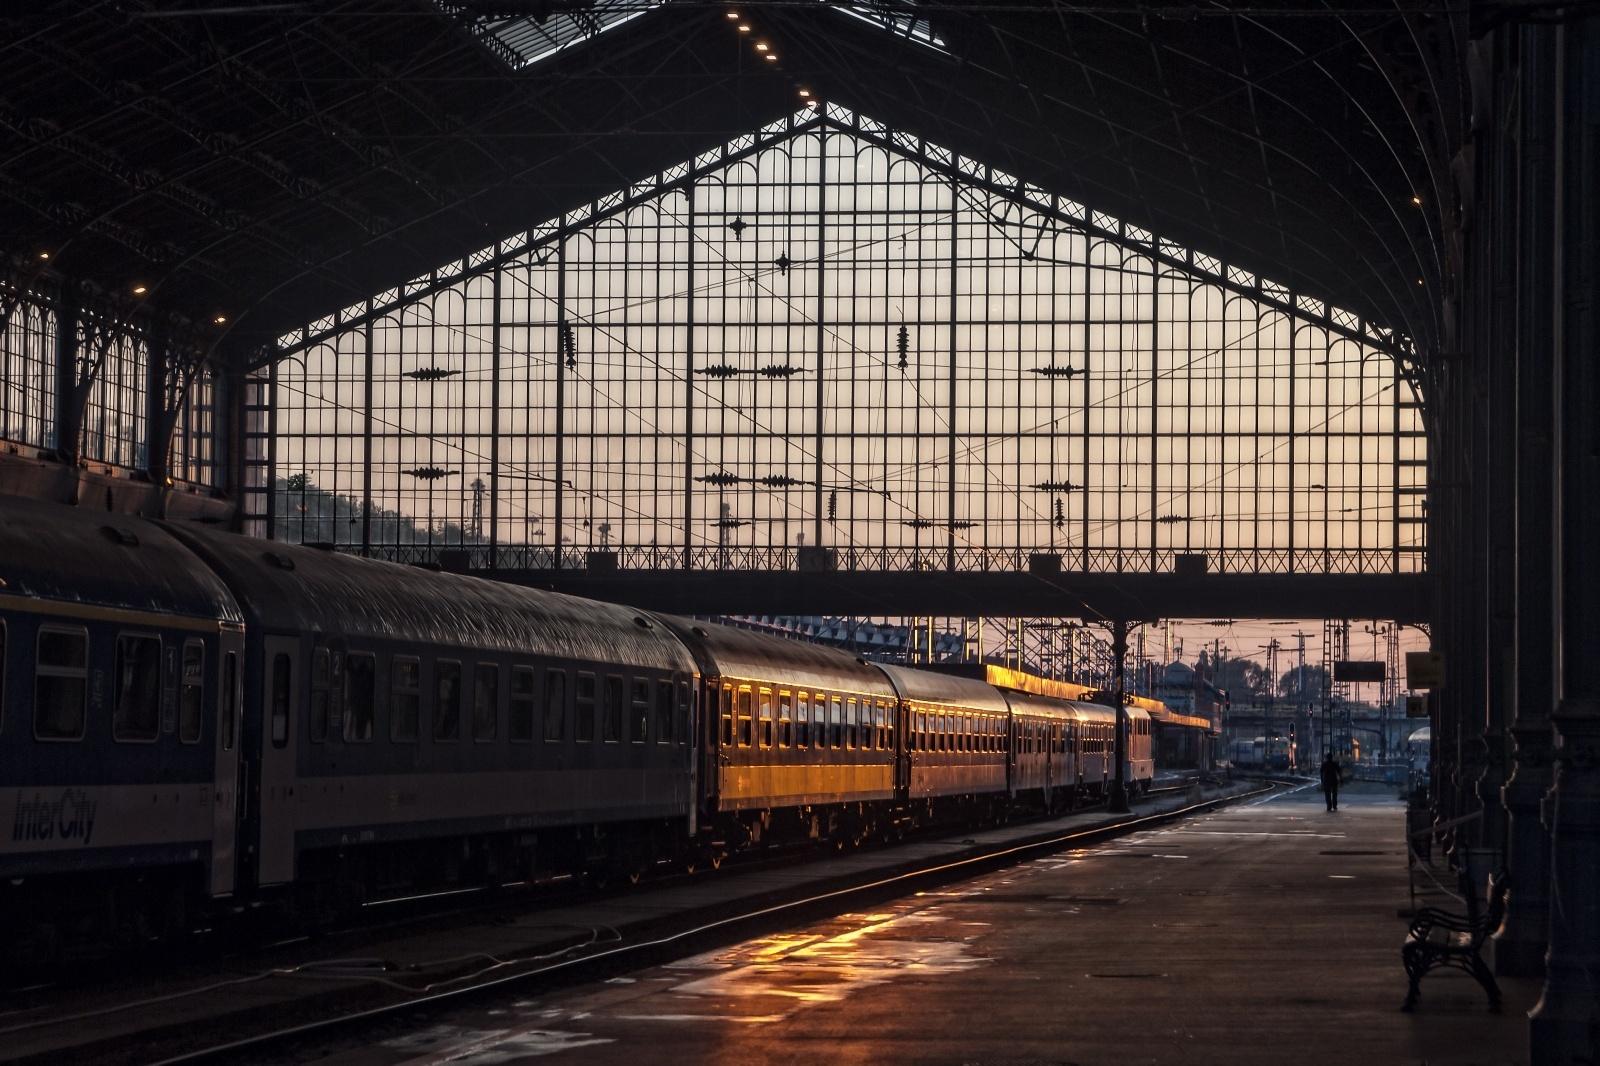 ブダペスト駅 ハンガリーの鉄道風景